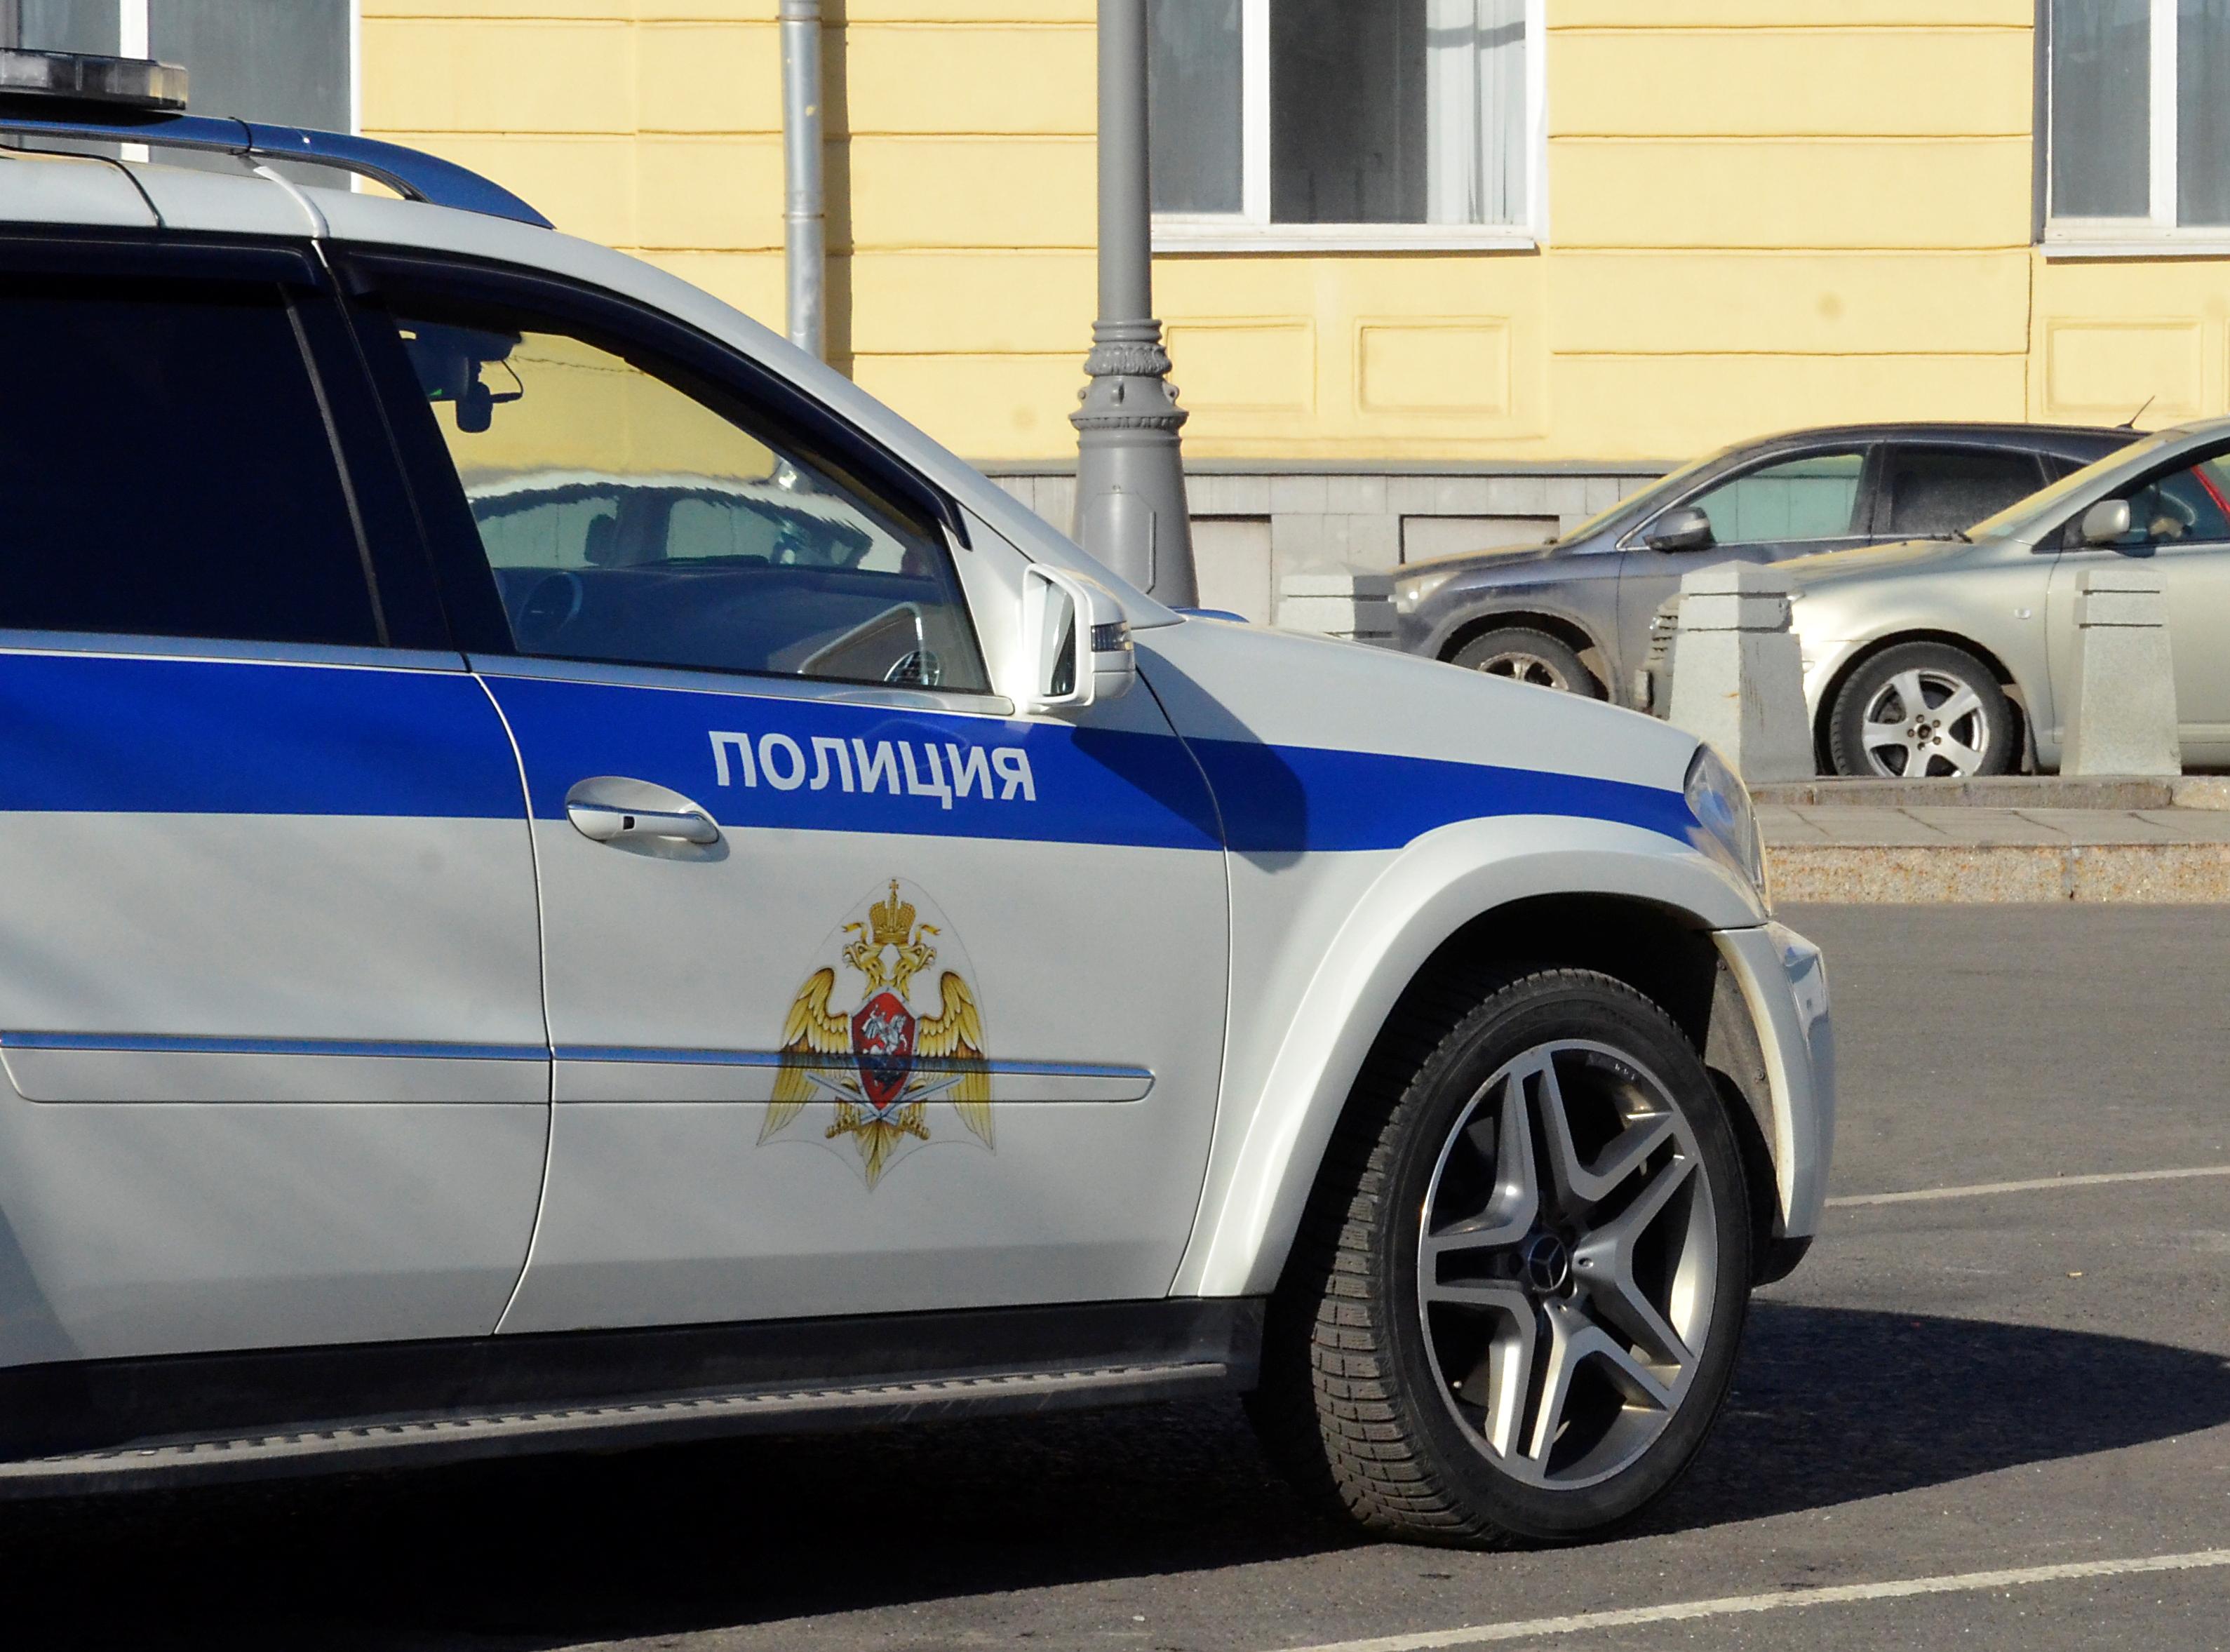 Сотрудники полиции задержали подозреваемых при попытке сбыть запрещенное средство